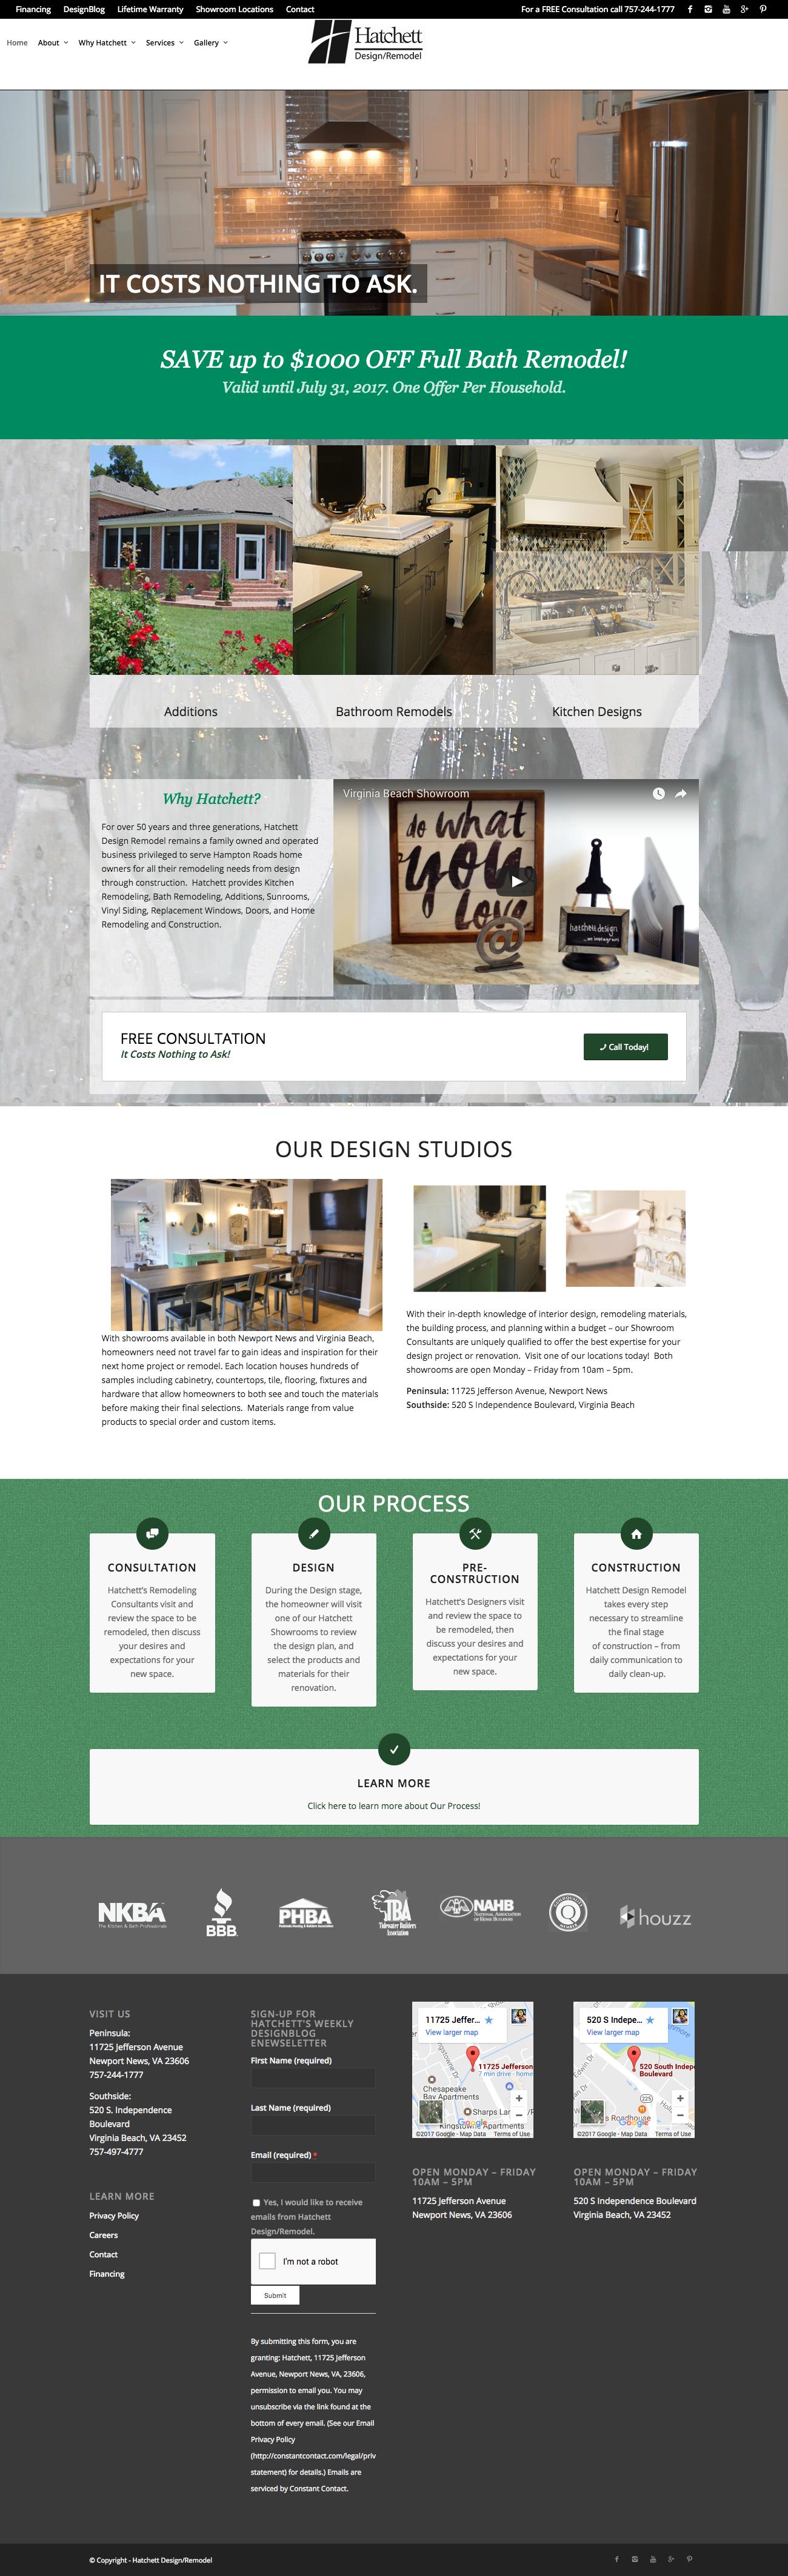 Website - Hatchett Design Remodel